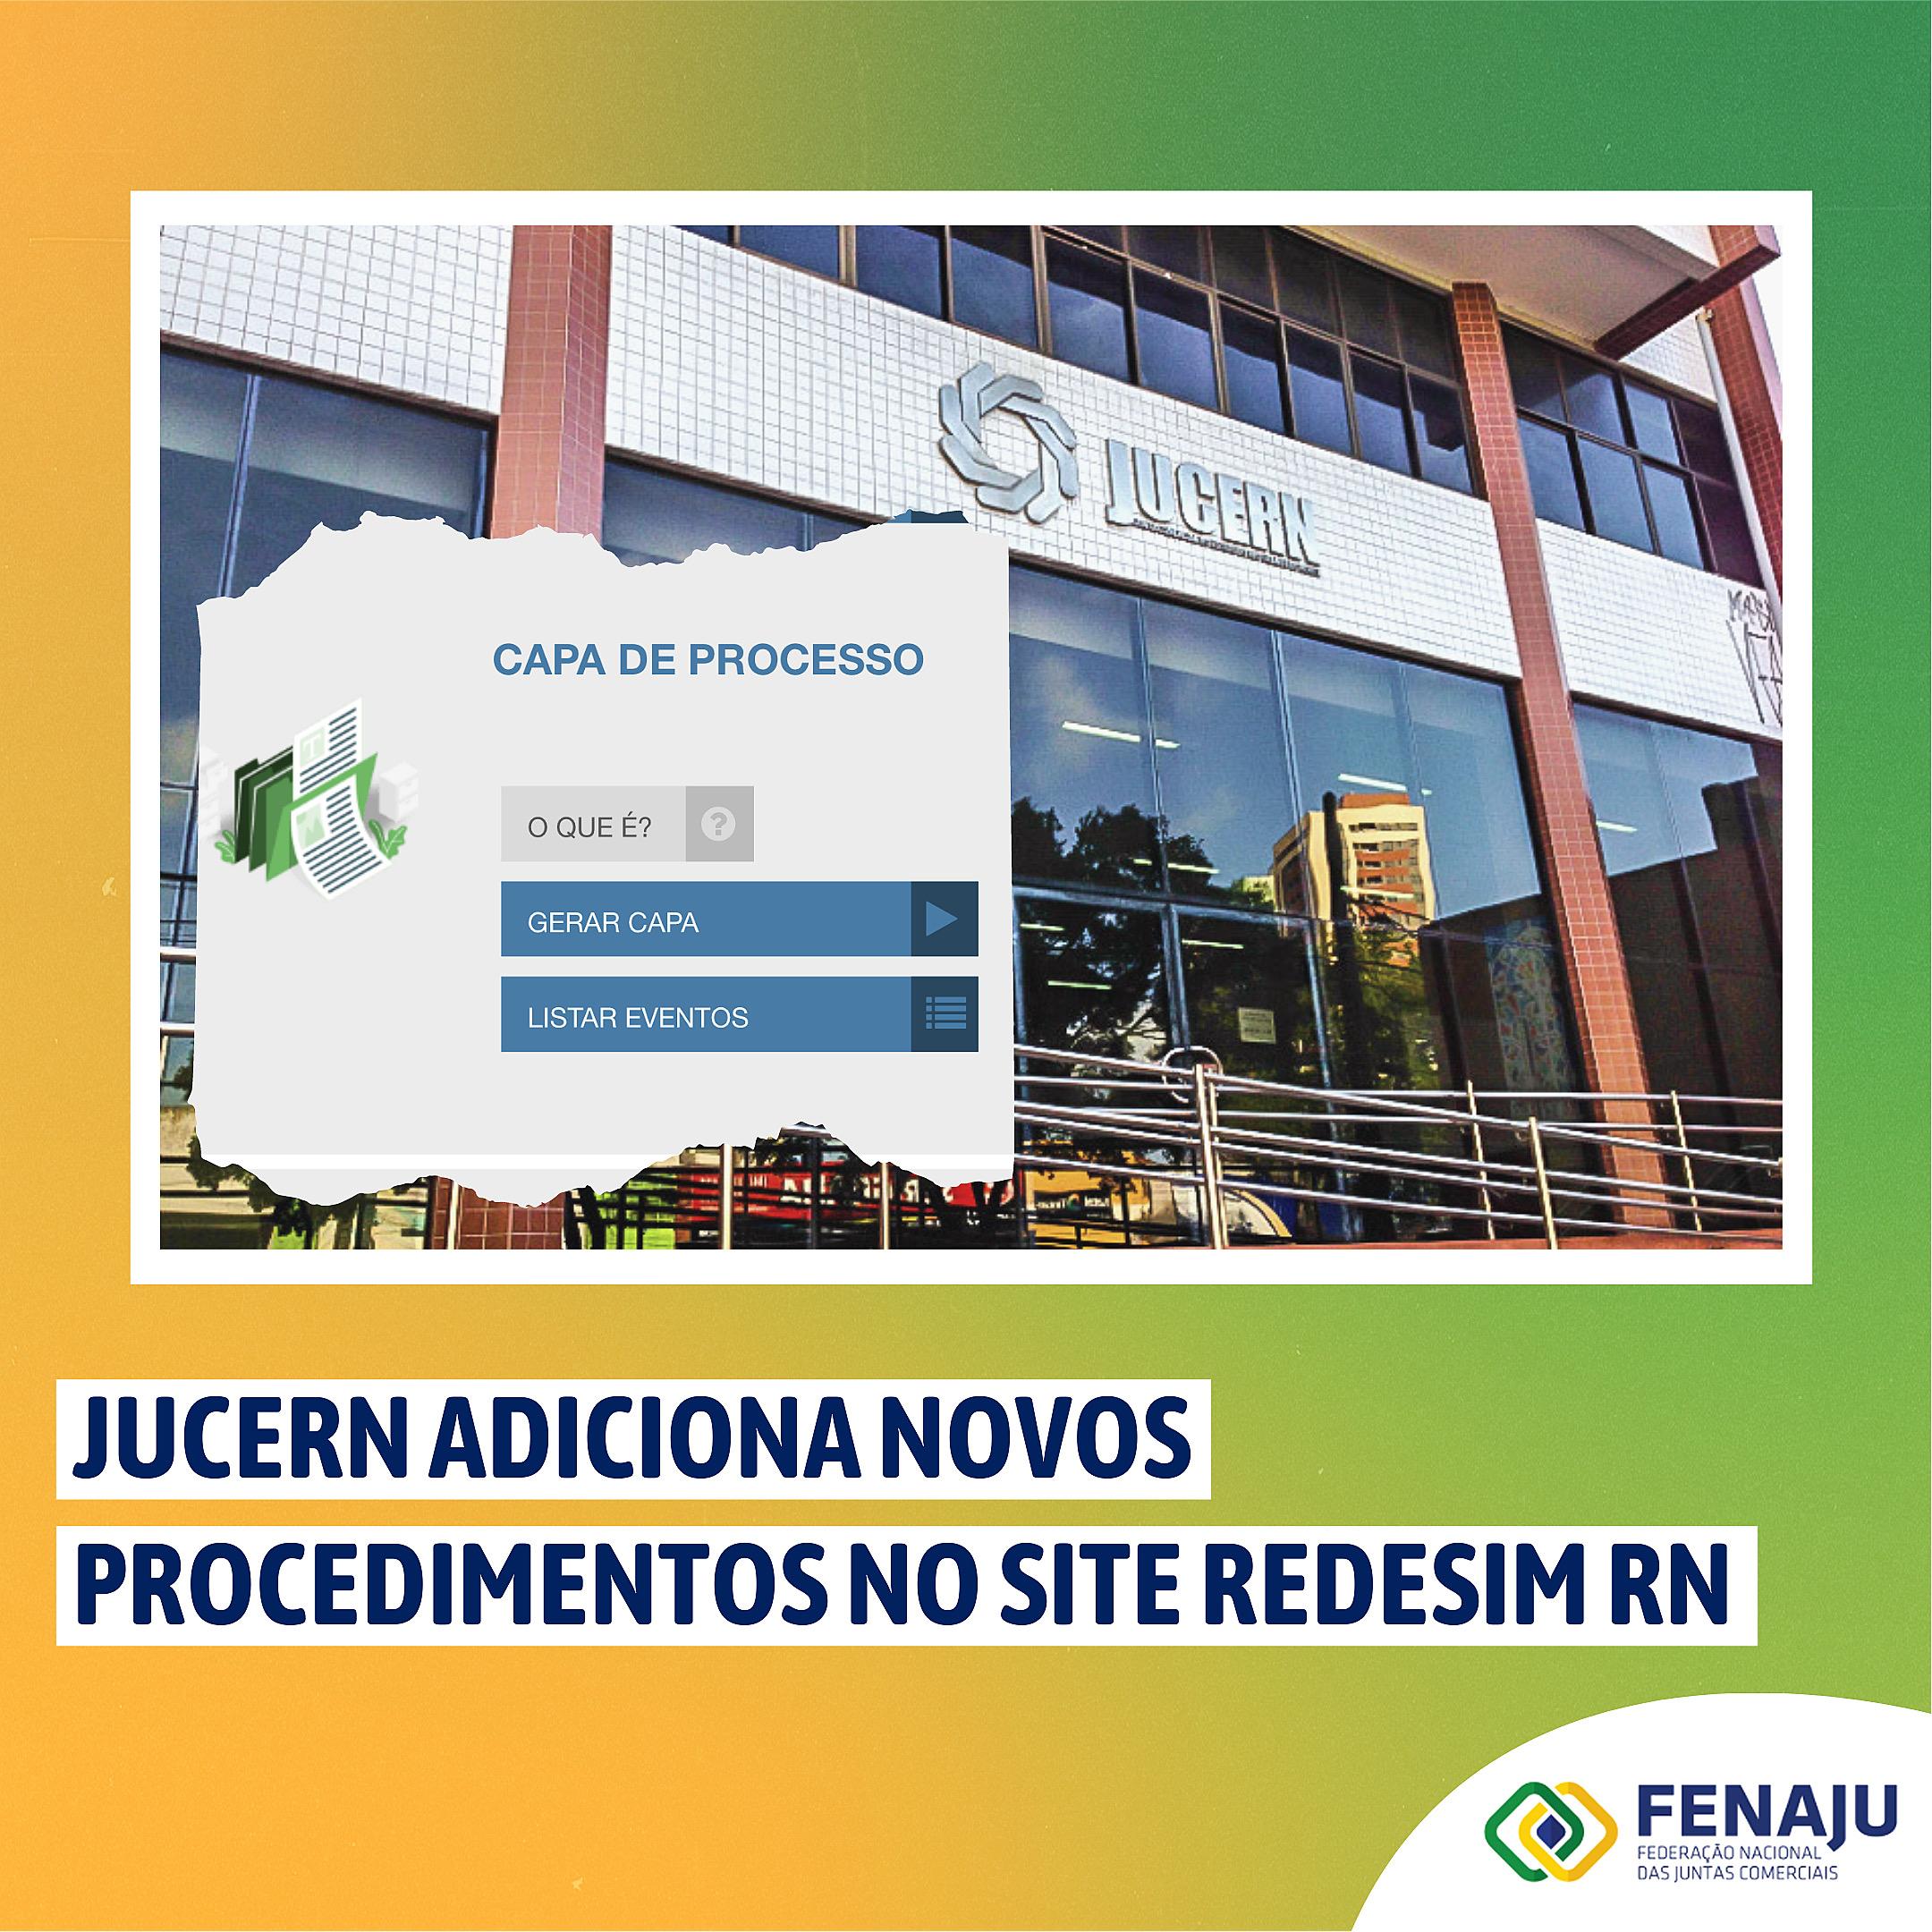 Jucern adiciona novos procedimentos no site Redesim RN